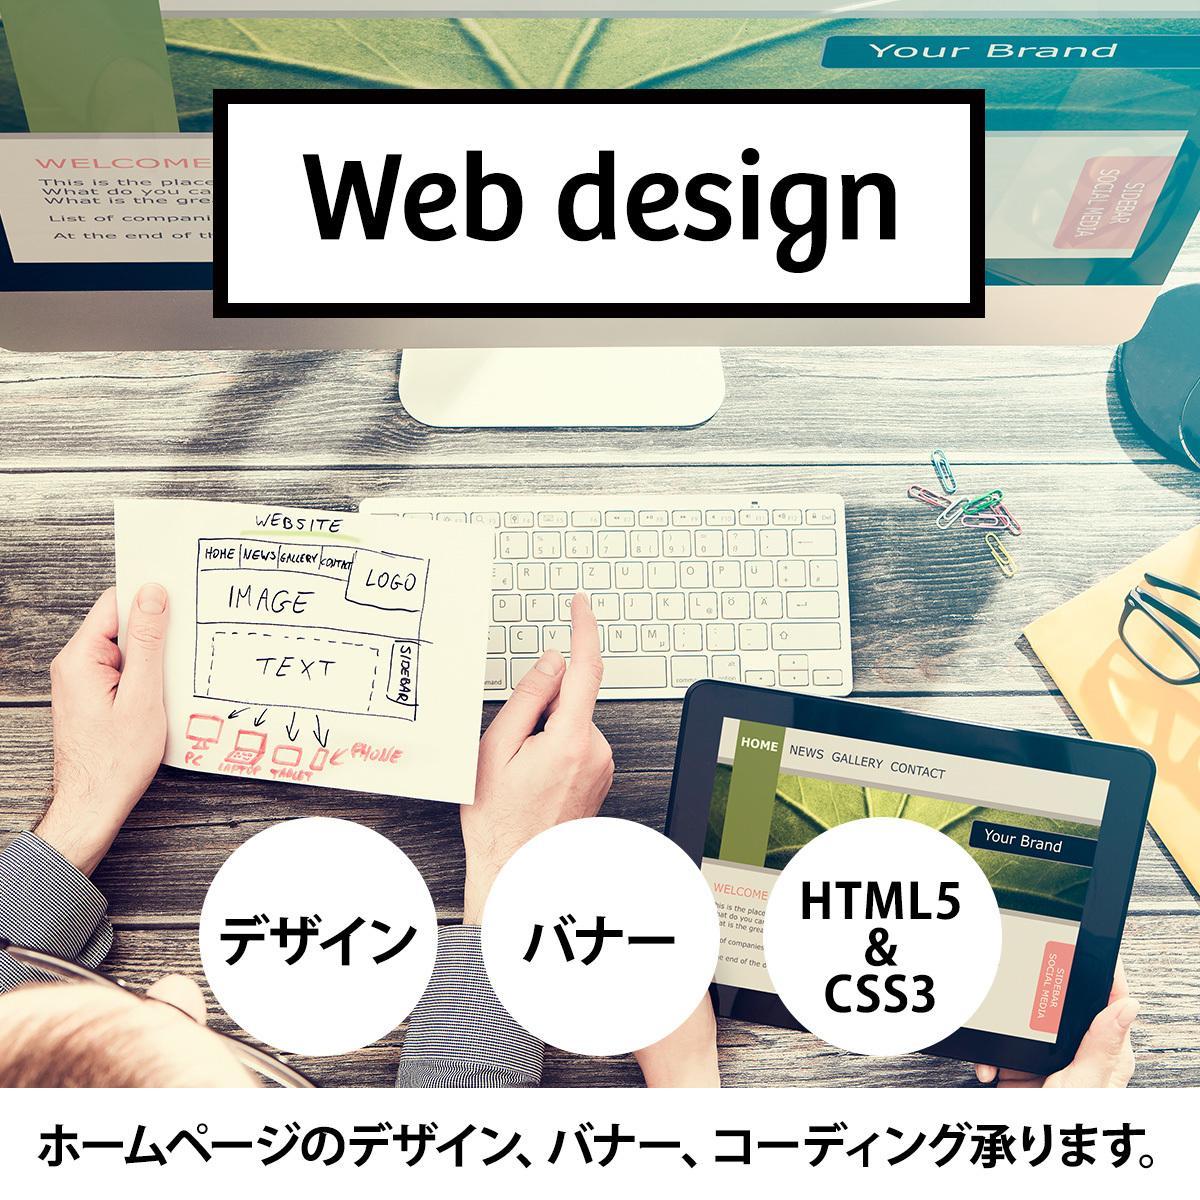 Webデザイン、バナー制作、コーディングします Webデザイナー歴15年の経験を活かします。